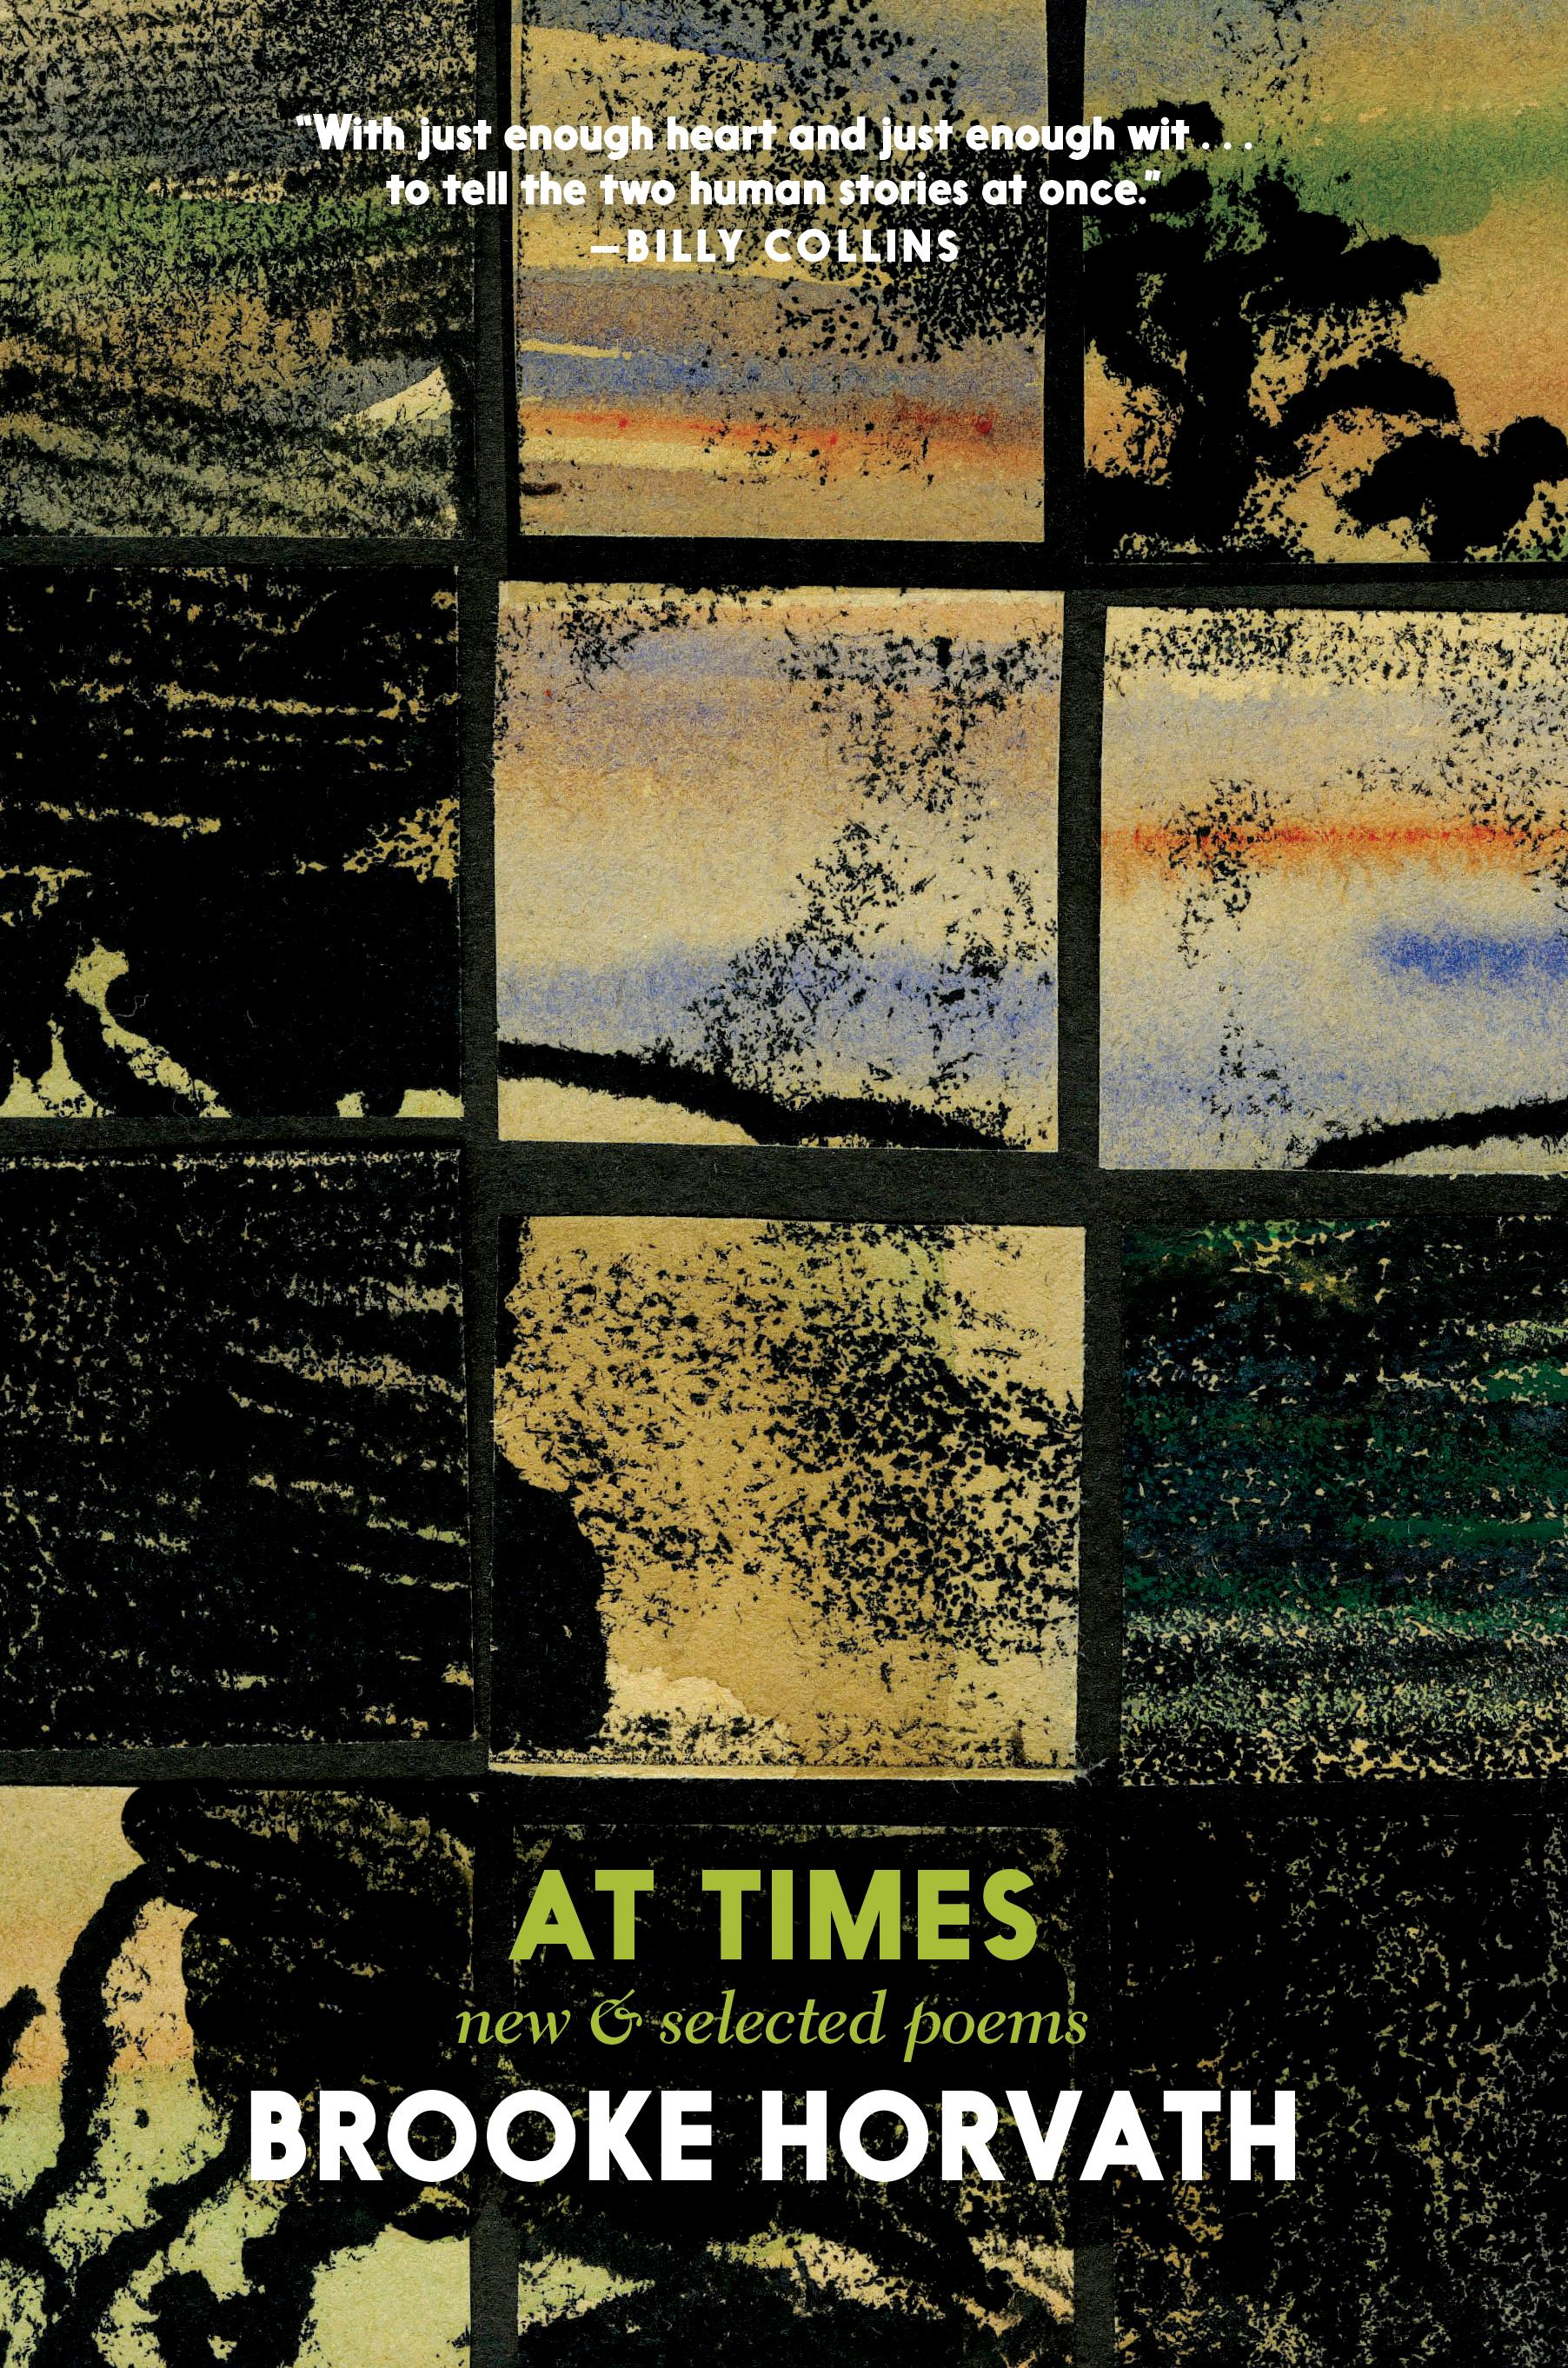 Attimes_cover-1